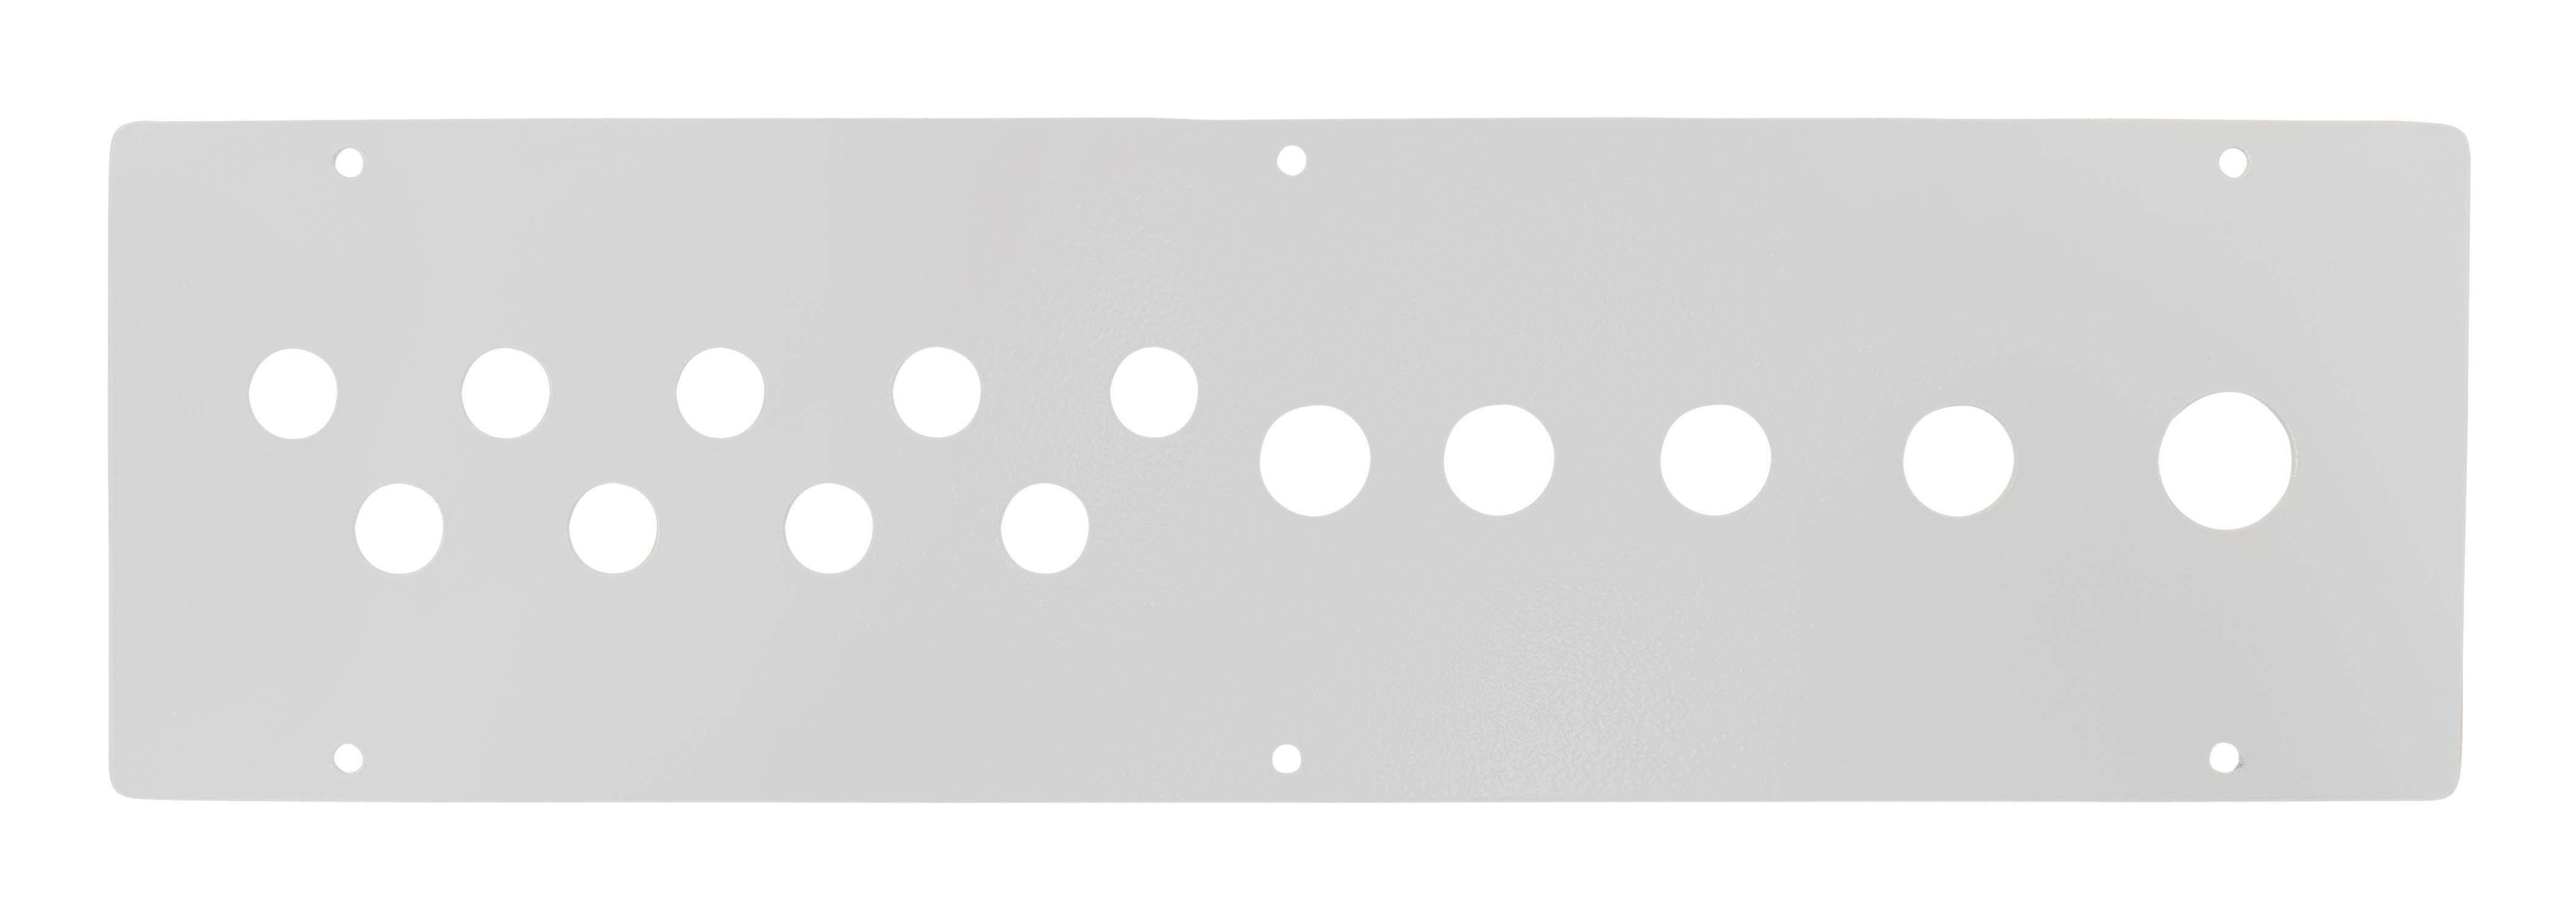 1 Stk Kabeleinführungsflansch WST mit 9xM16, 4xM20, 1xM25 WSTFA0E1--